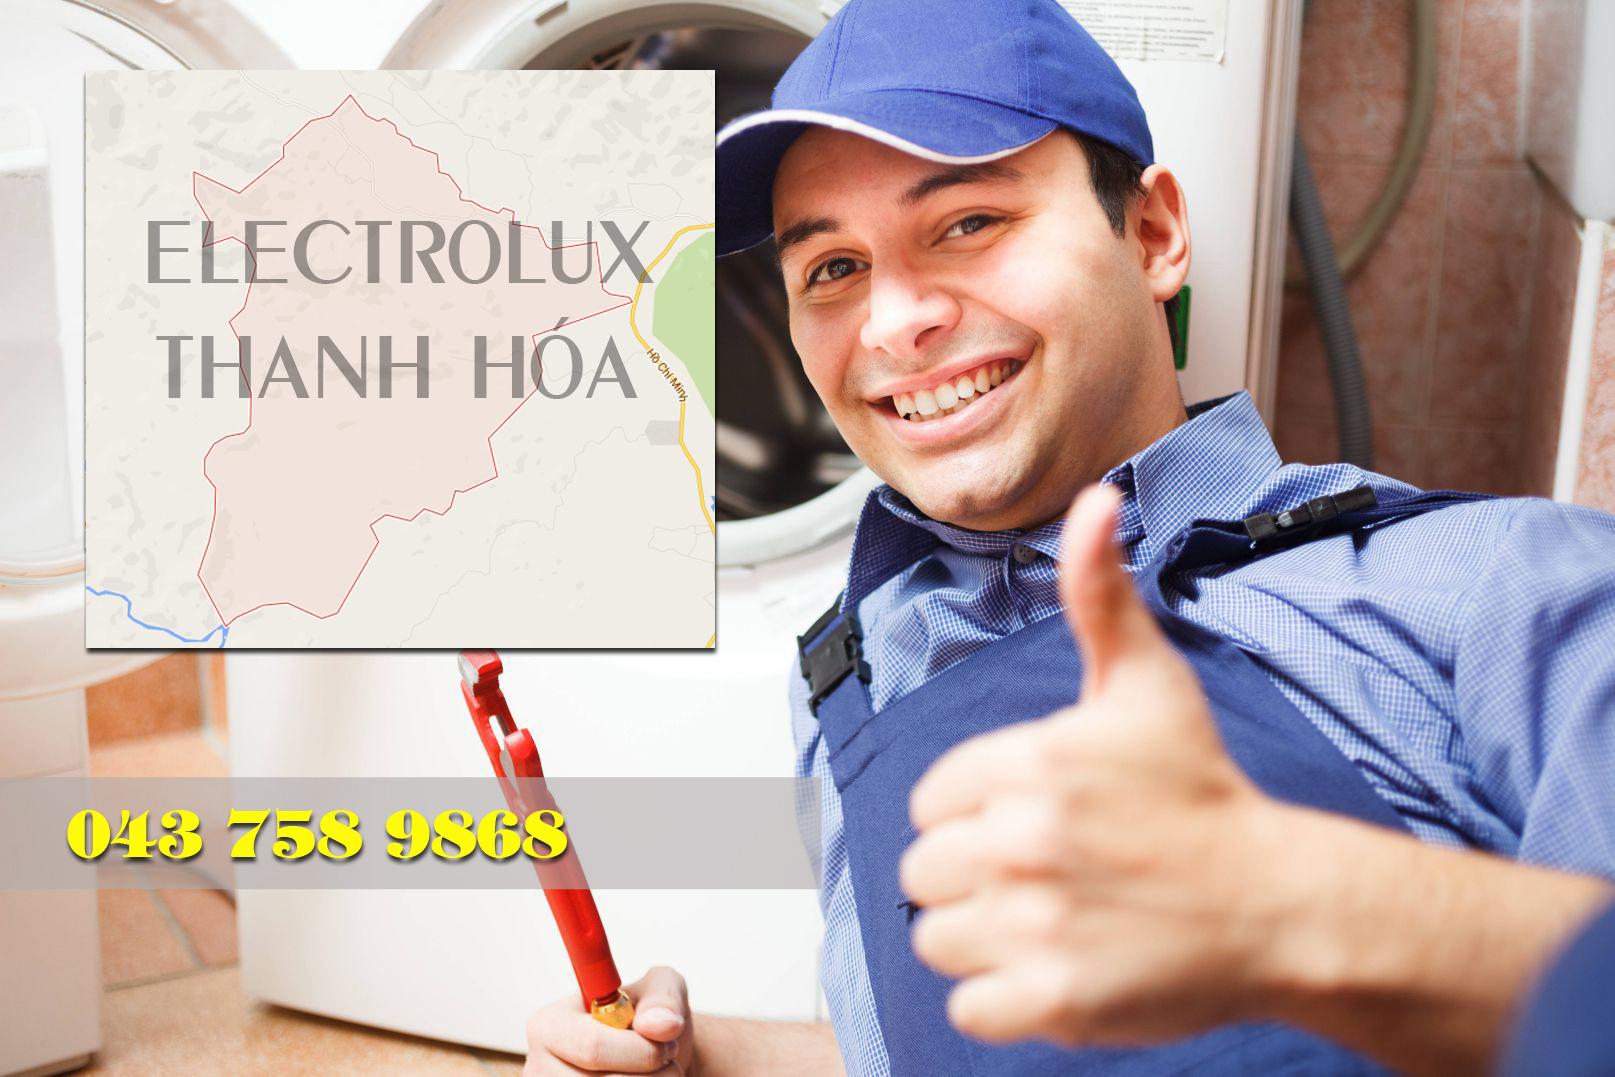 Sửa máy giặt Electrolux tại Thanh Hóa